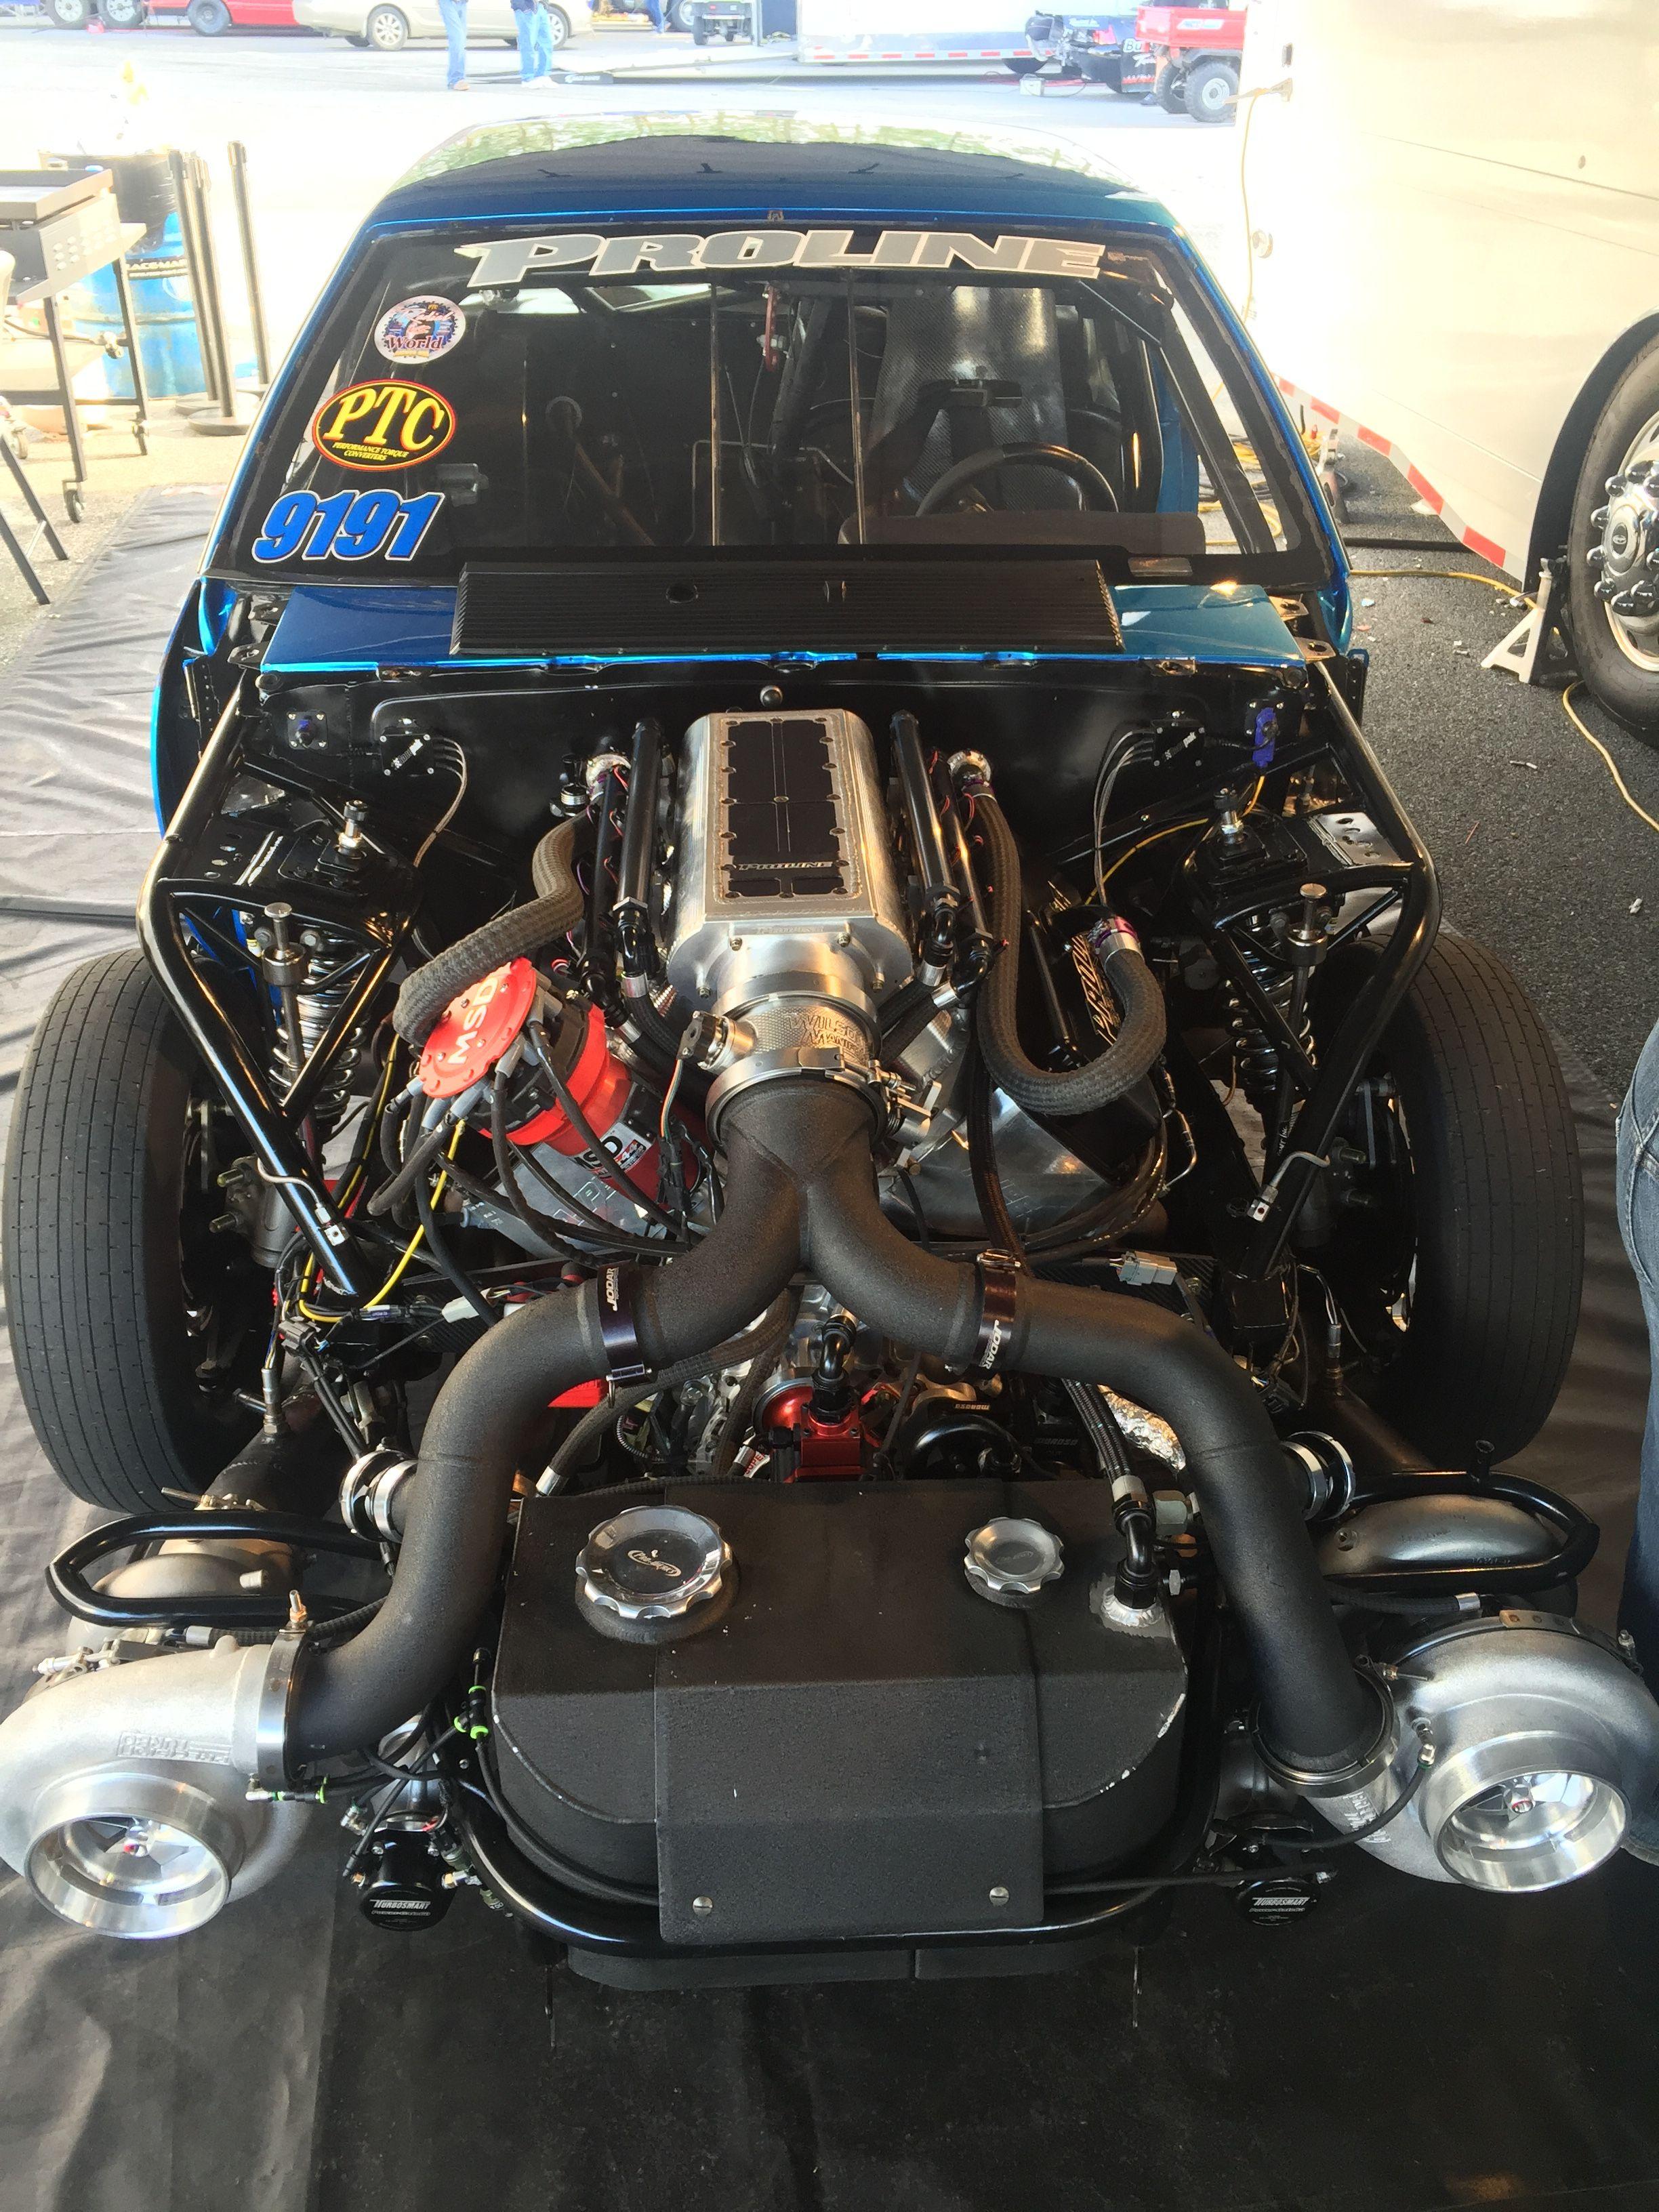 fletcher cox 481x 572 motor turbo car twin turbo trucks and girls  [ 2448 x 3264 Pixel ]